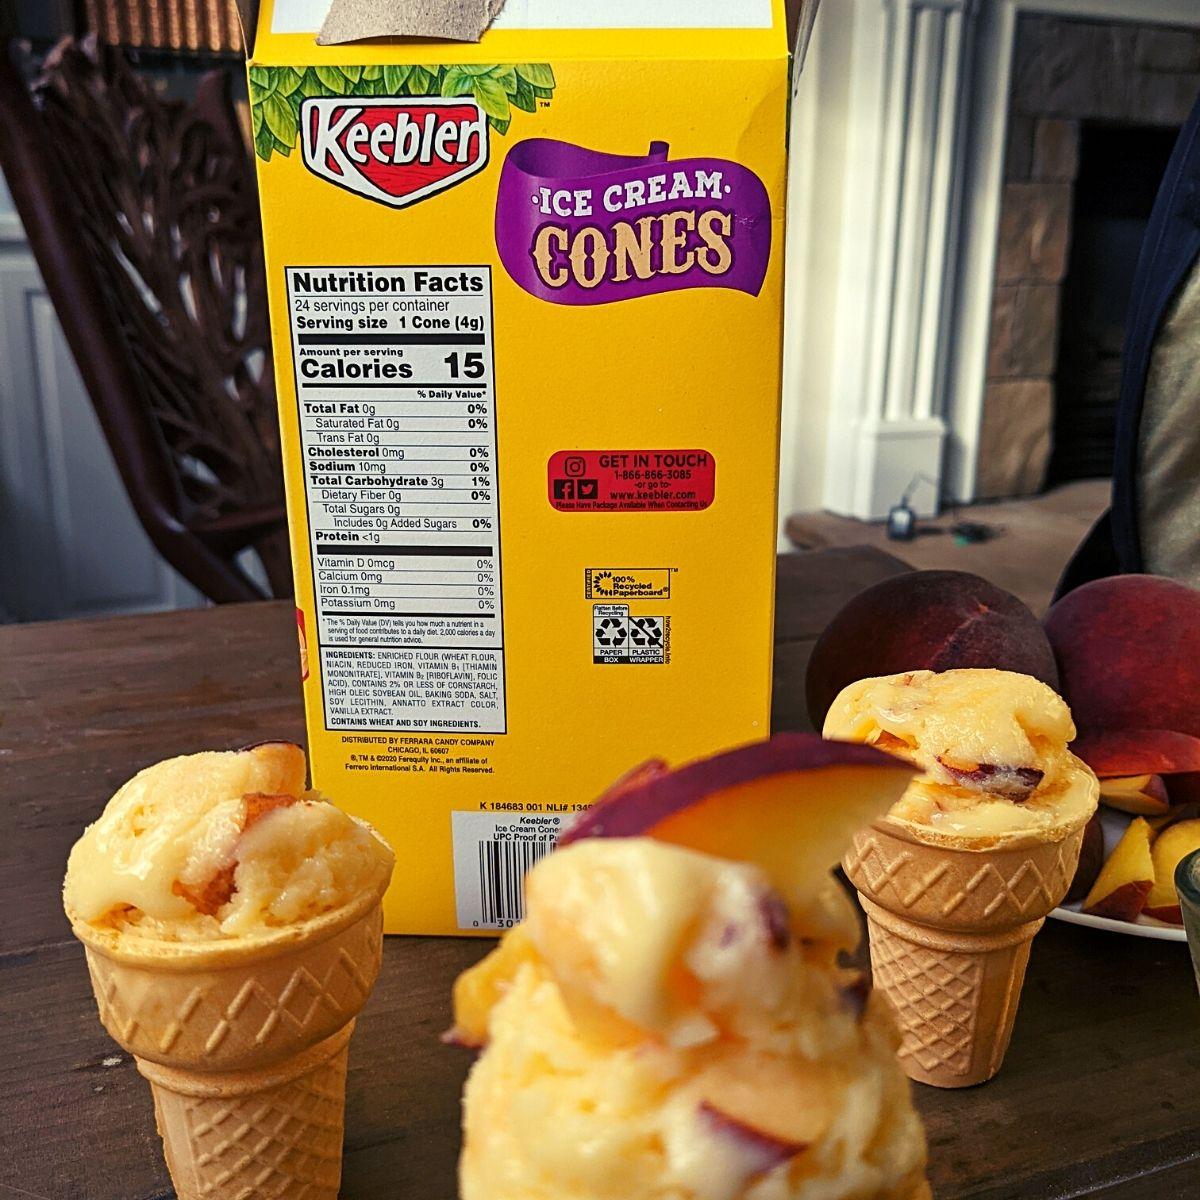 15 calorie ice cream cones